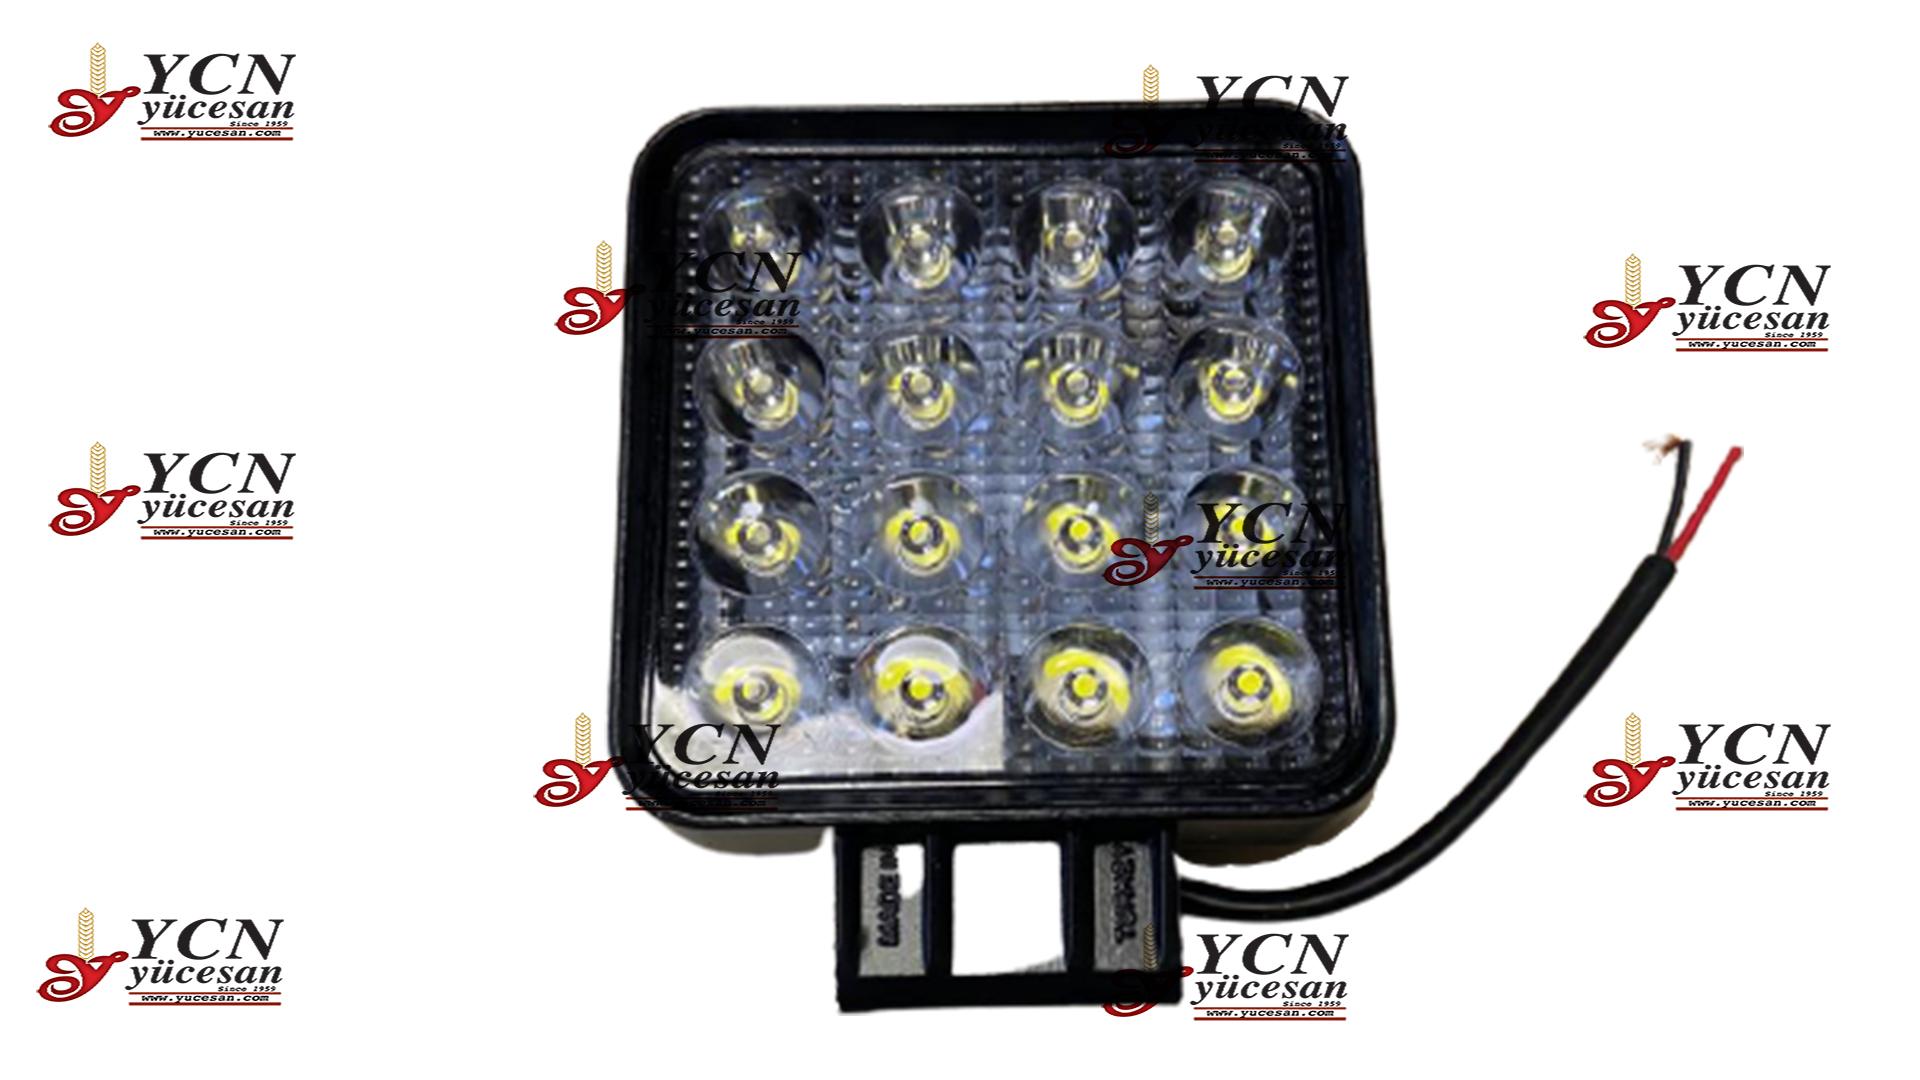 ÇALIŞMA LAMBASI (KARE 16 LEDLİ-48W)(POWER LED)